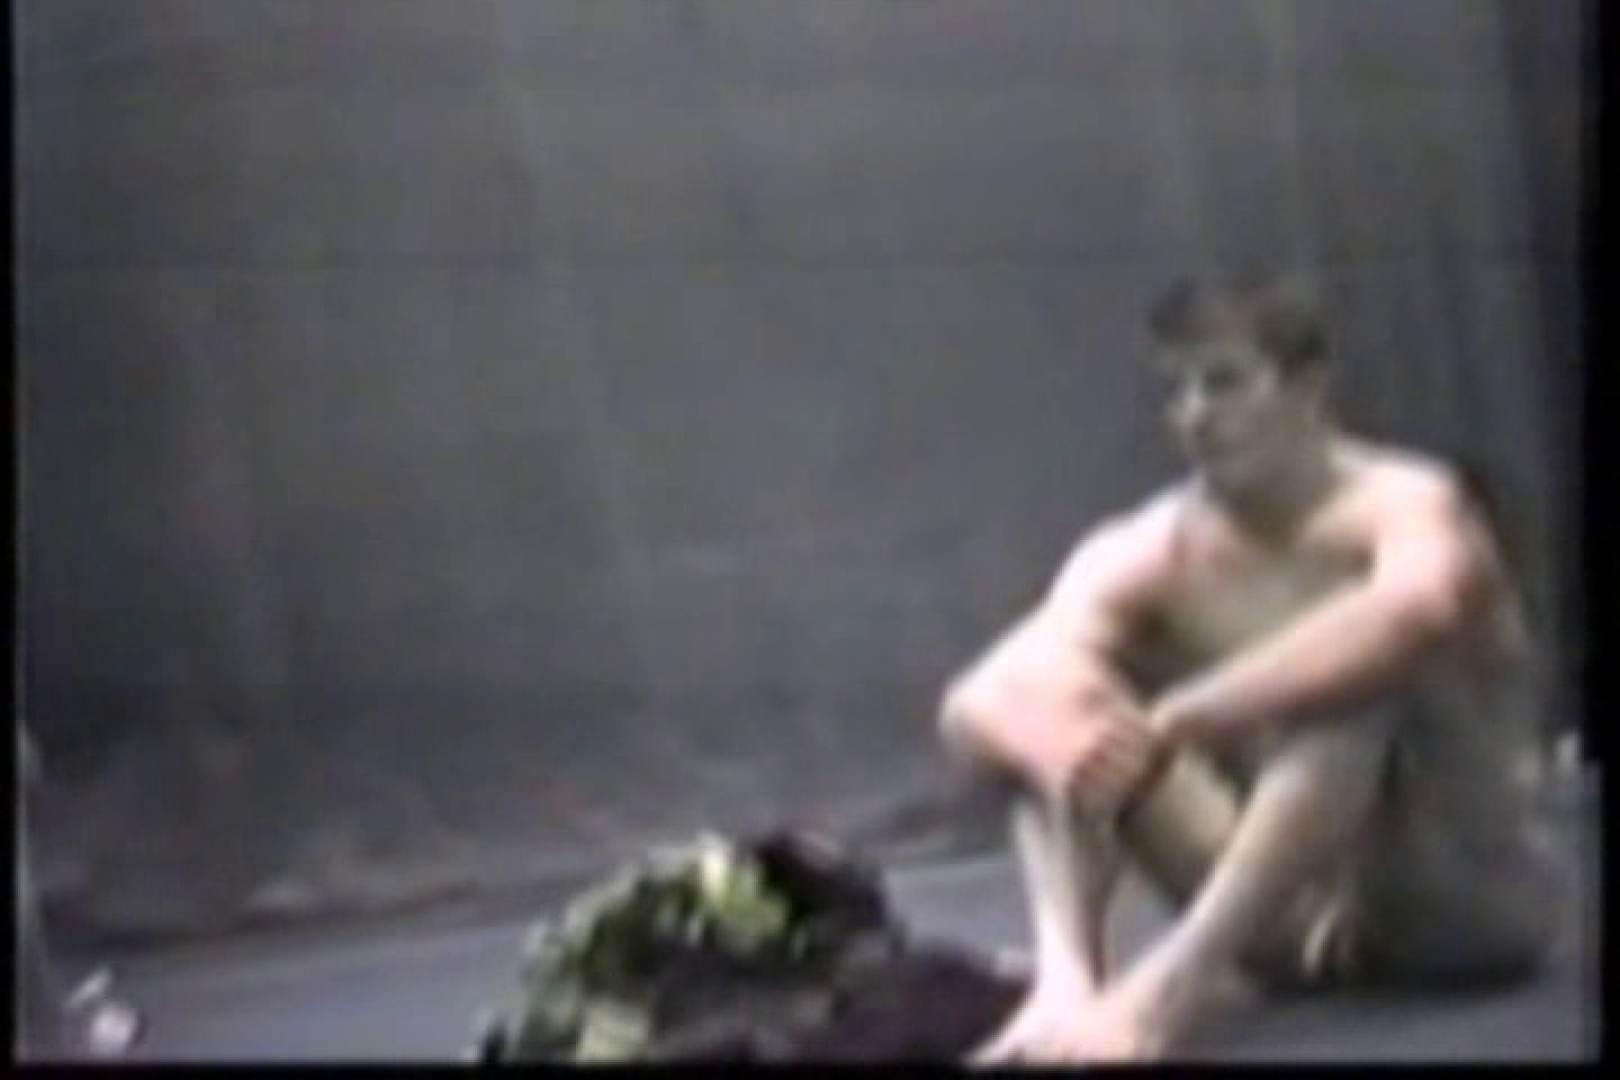 洋人さんの脱衣所を覗いてみました。VOL.8 ガチムチマッチョ系男子 | 覗きシーン  62枚 9